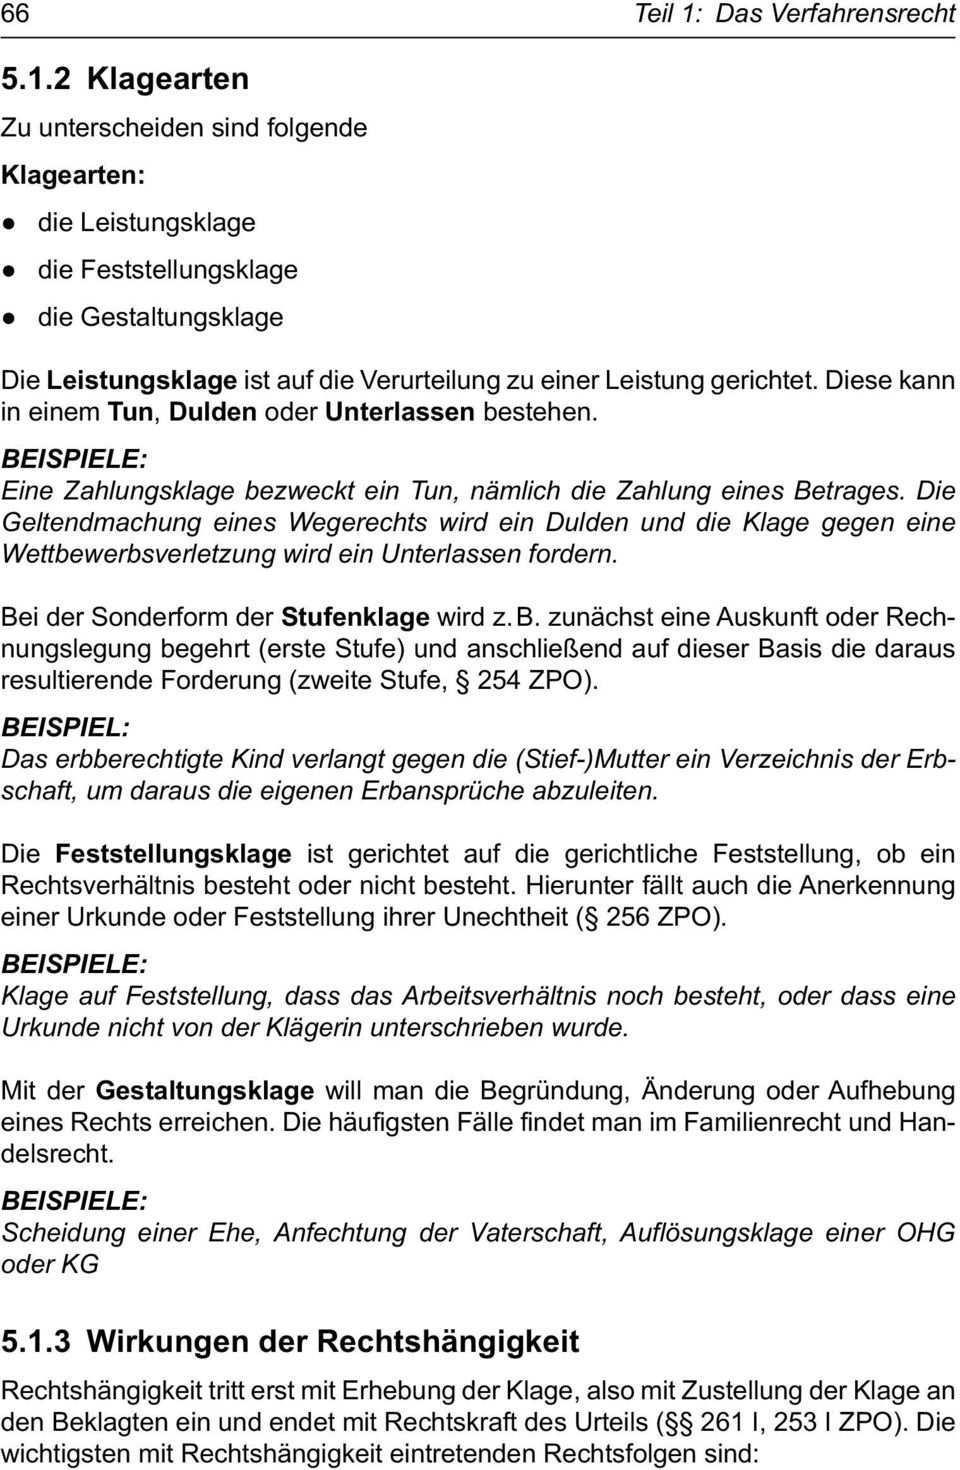 Prufungstraining Fachkunde Fur Rechtsanwalts Und Notarfachangestellte Pdf Kostenfreier Download